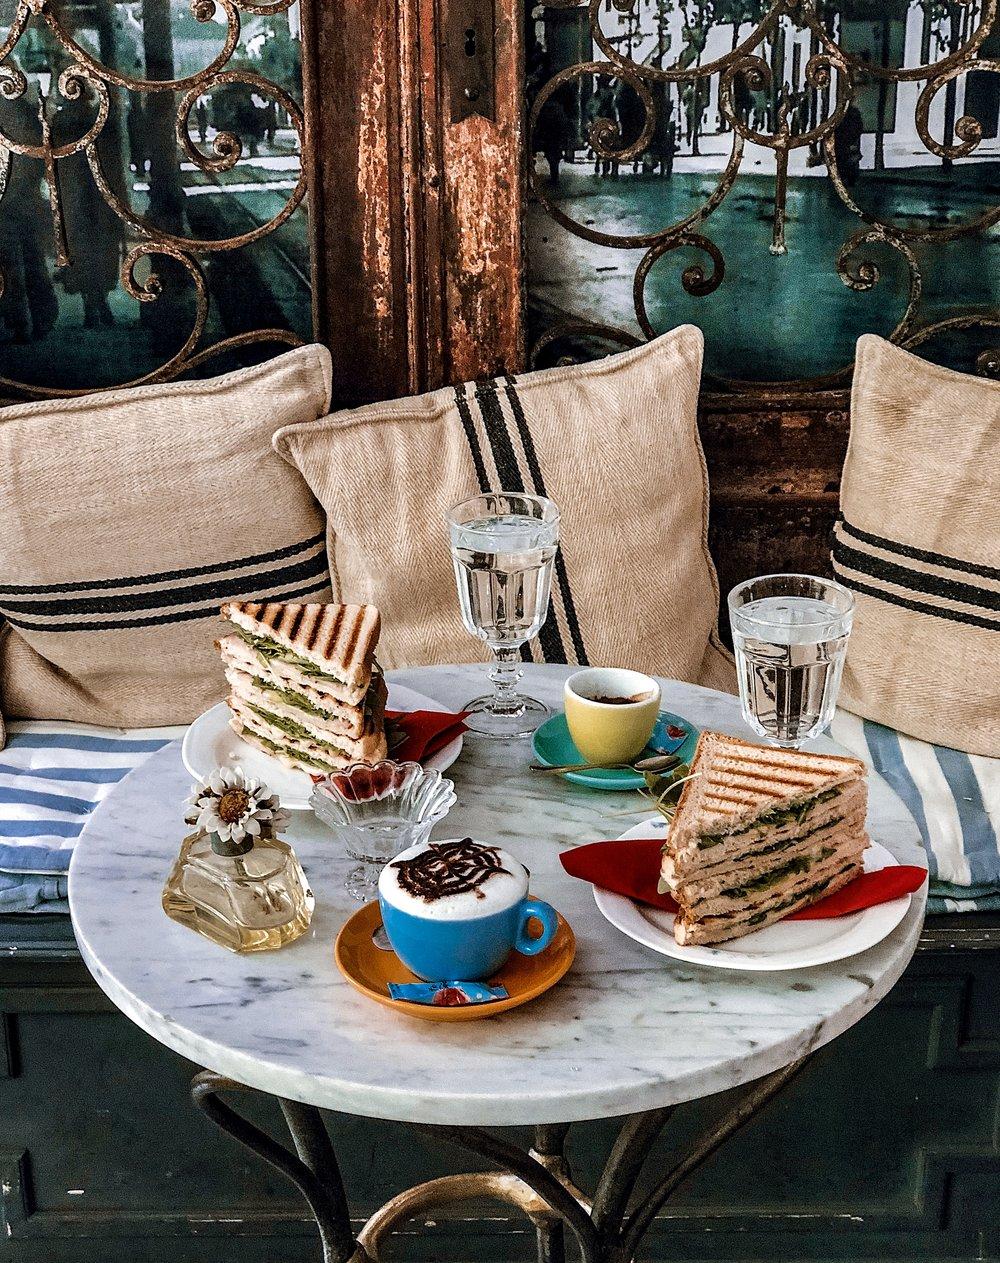 Cafe Finjak Zagreb - Ellie Dyduch